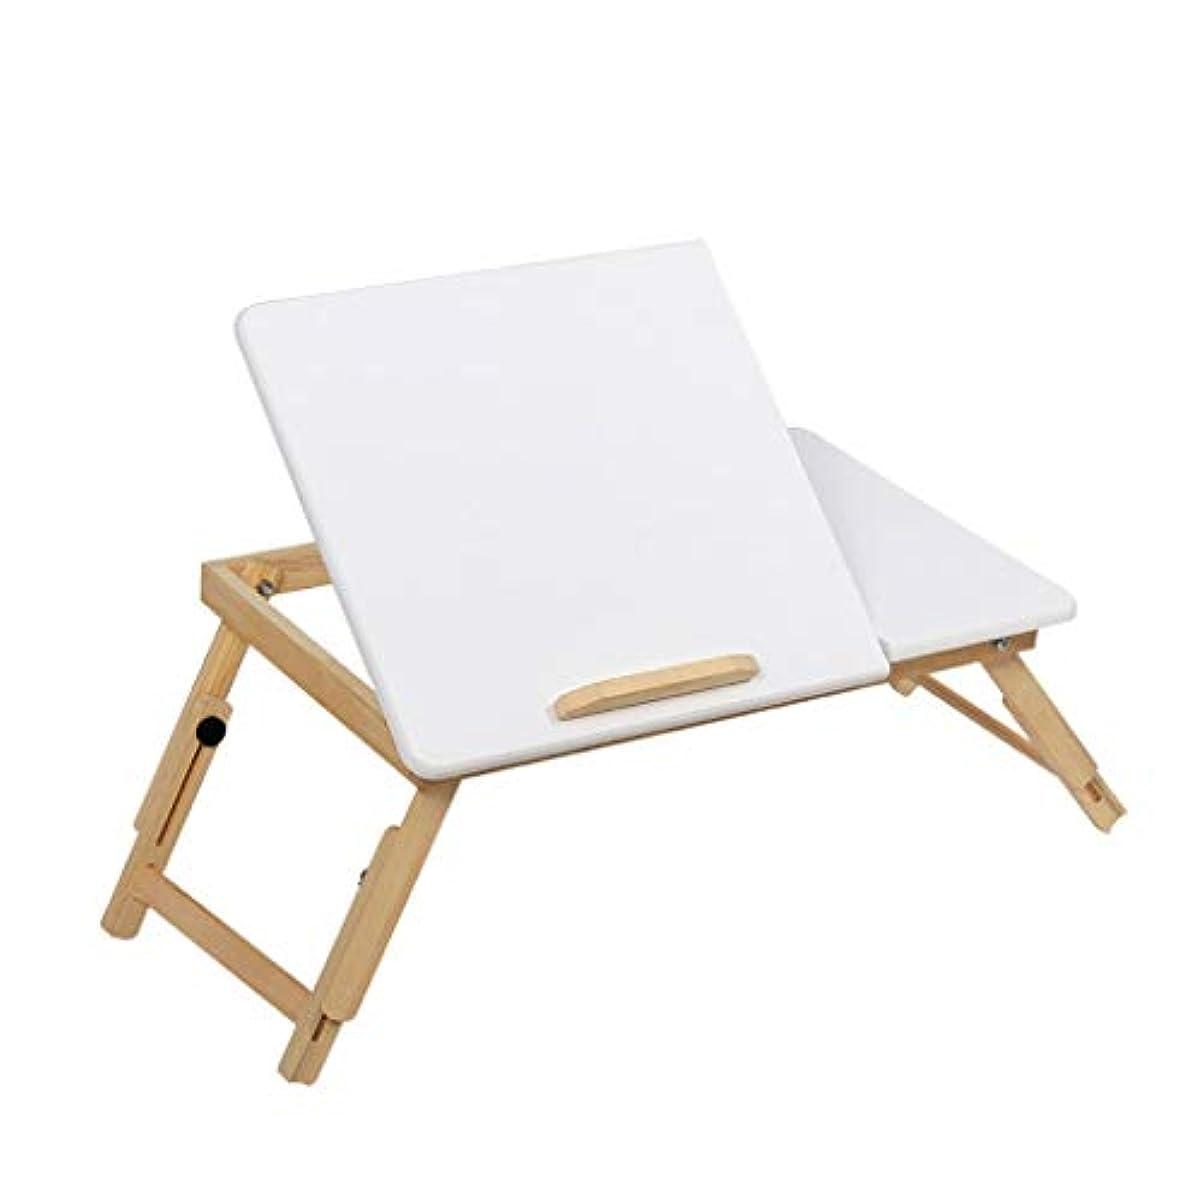 盟主ブースト怒ってNosterappou ノートパソコン用折りたたみテーブル、4速調整、速い折りたたみ式 純木ベッド